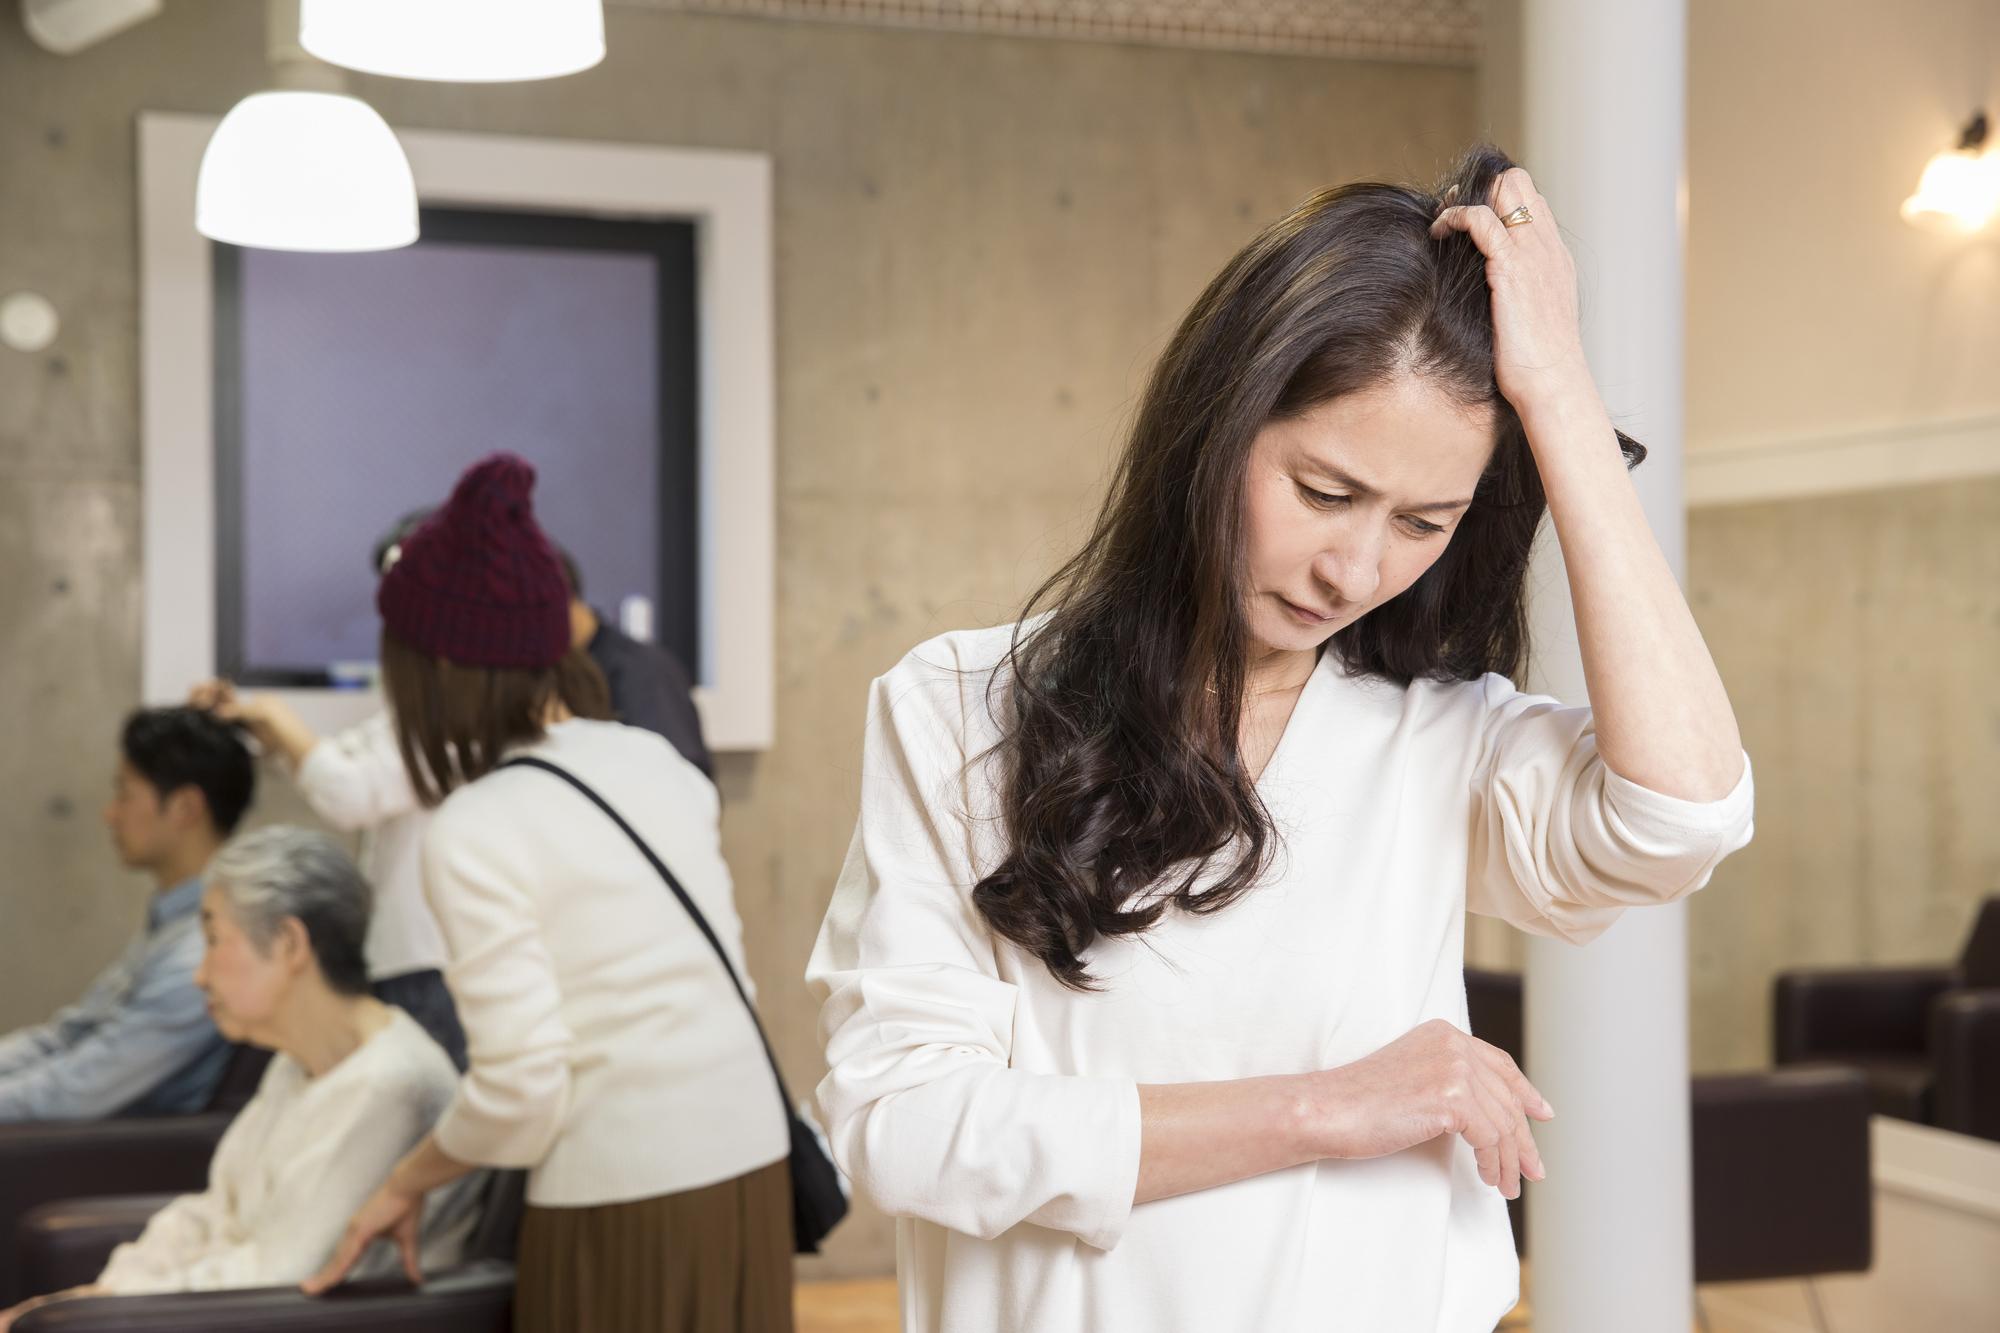 「美容師は向いていないから辞めたい」と悩んでいた先輩スタイリストからのアドバイス